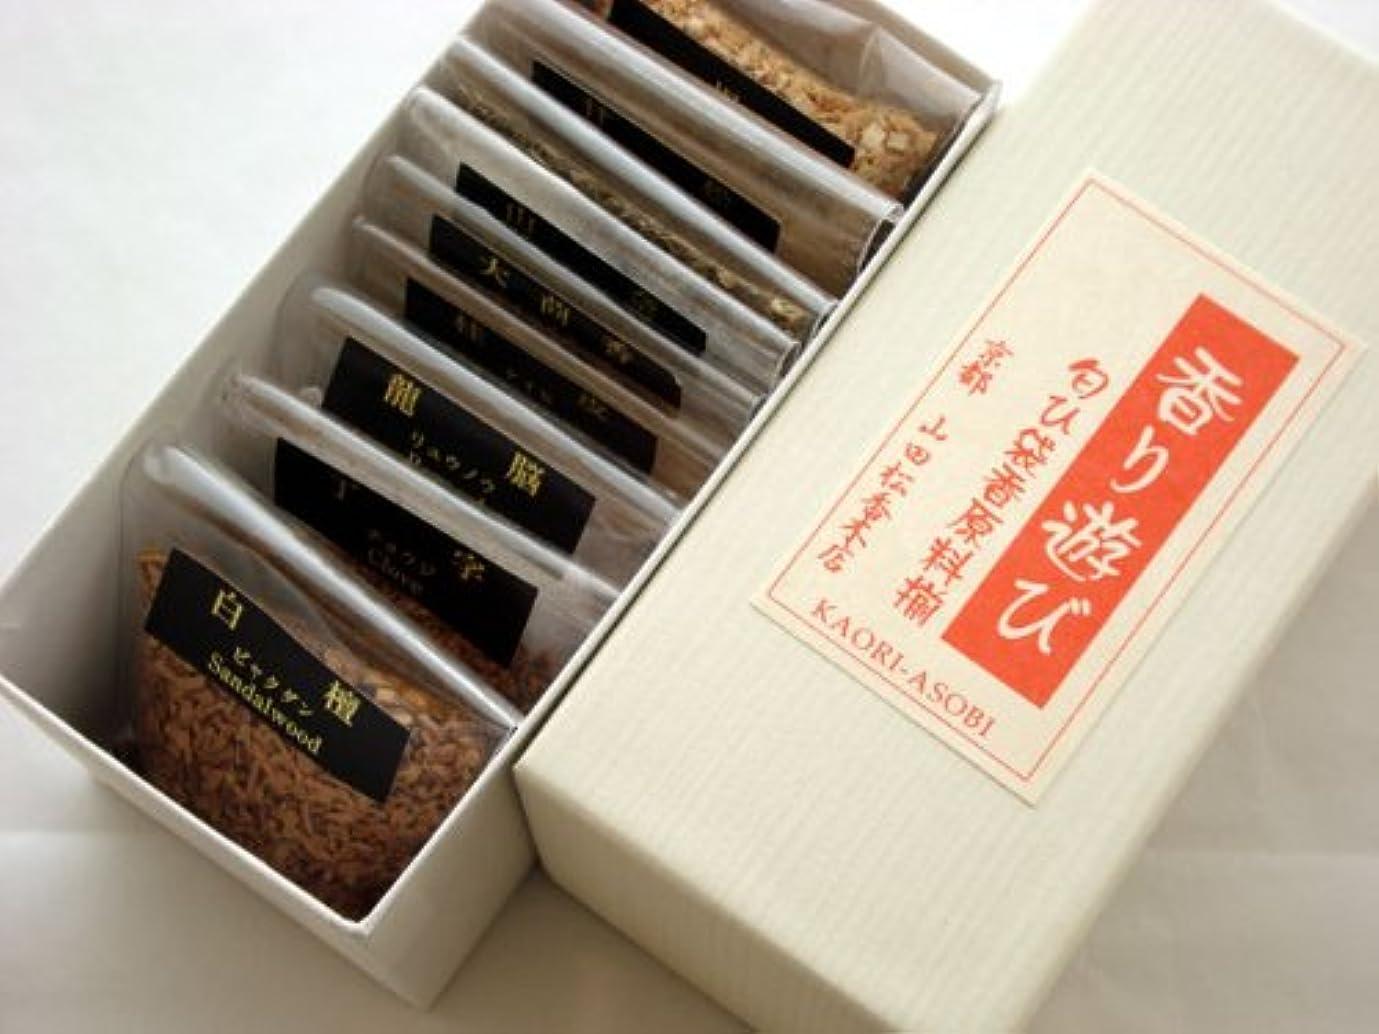 ひまわりインセンティブヘクタール香り遊び 手作り匂袋 香原料揃え